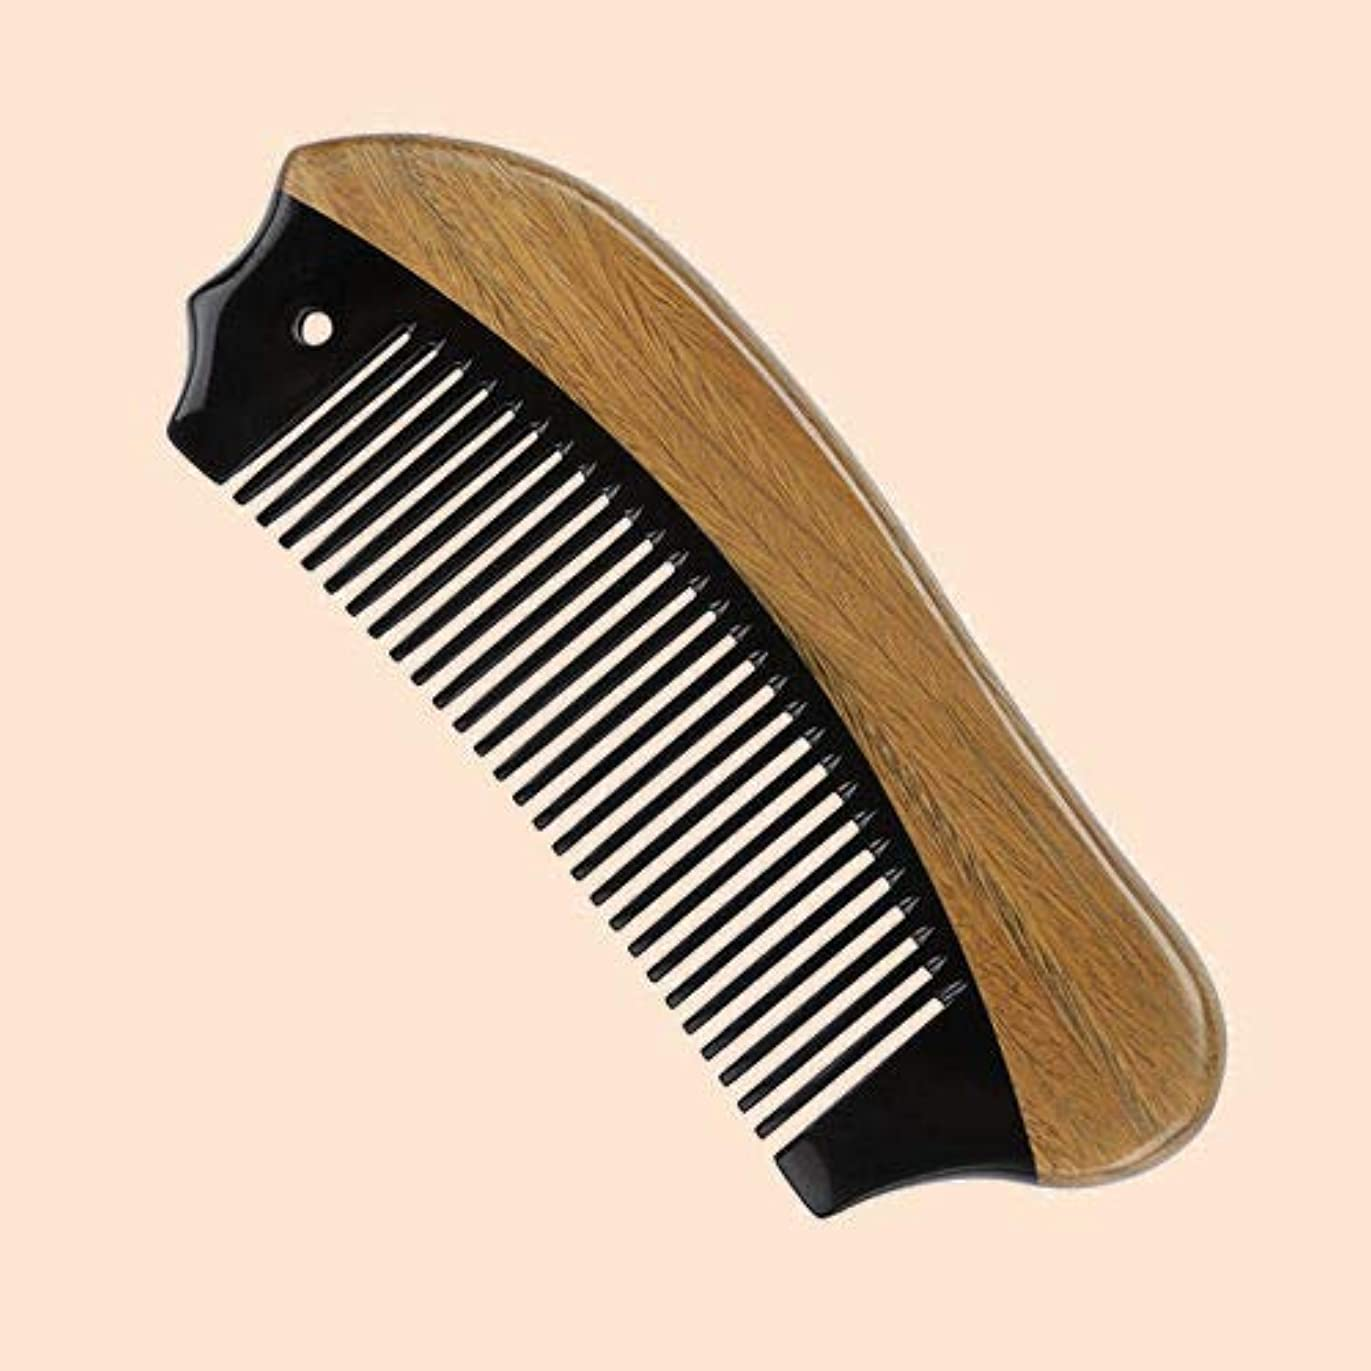 バッフルすぐに市場FidgetGear メンズひげ櫛ポケットホーン木製くしデタングルリング自然巻き毛くしブラシ